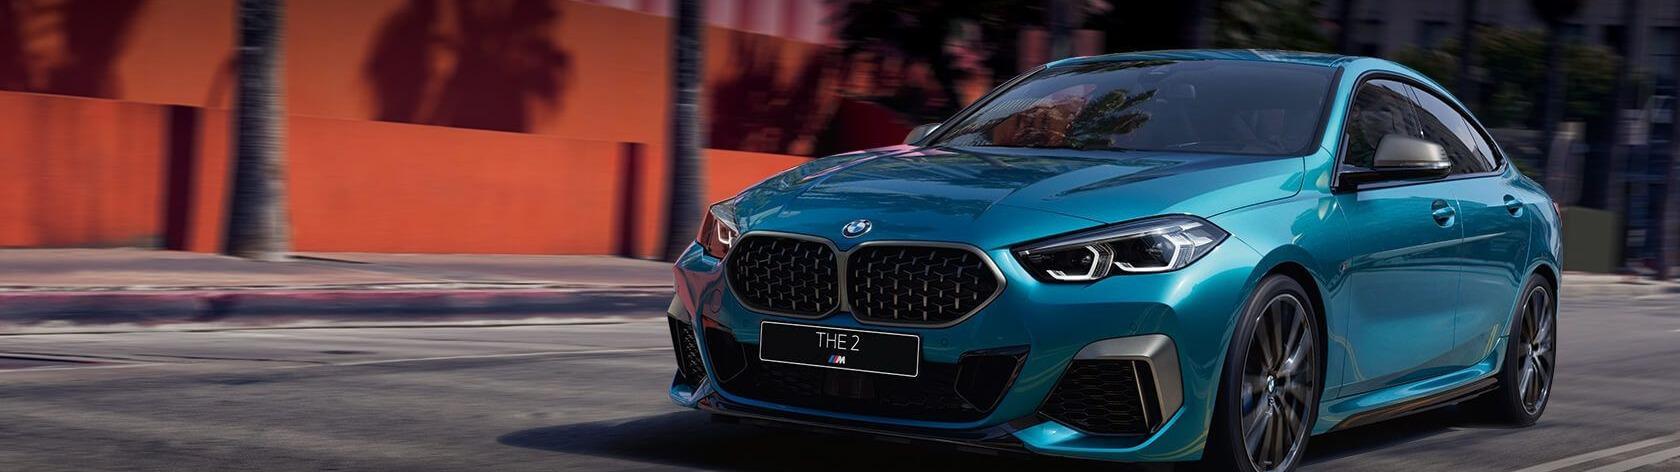 Автомобили BMW 2 series 2021-2022 модельного года. Продажа БМВ 2 серии в Москве и Санкт-Петербурге у официального дилера АВТОДОМ.